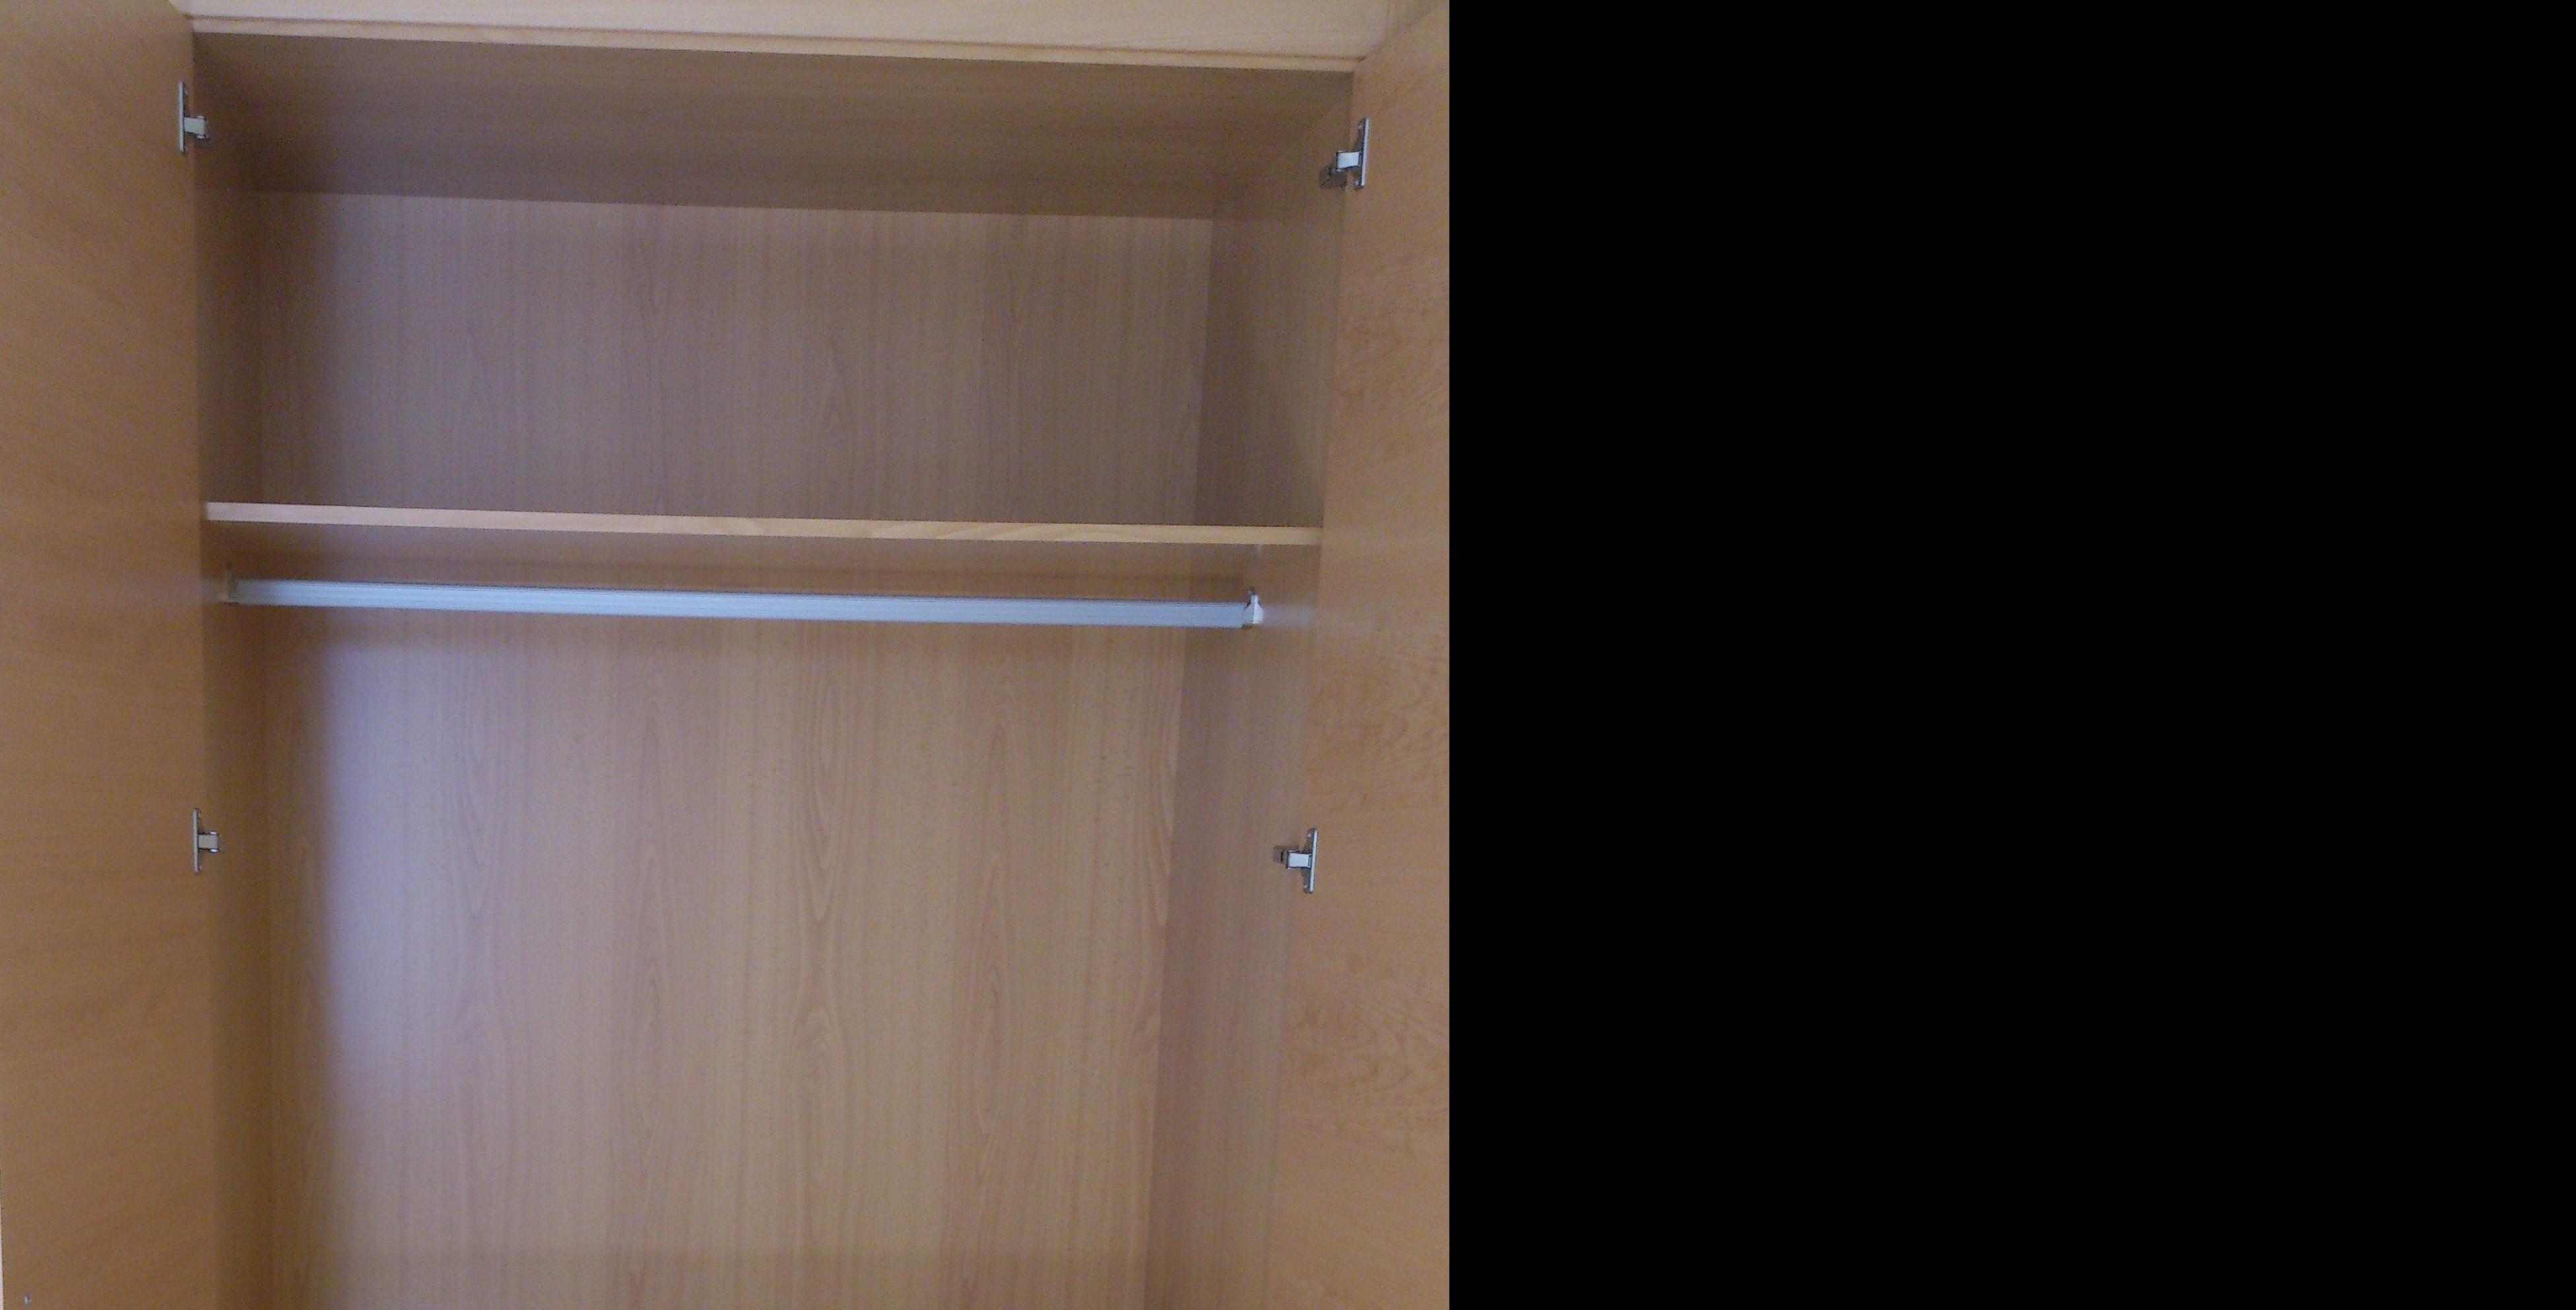 Distribucion interior de armario